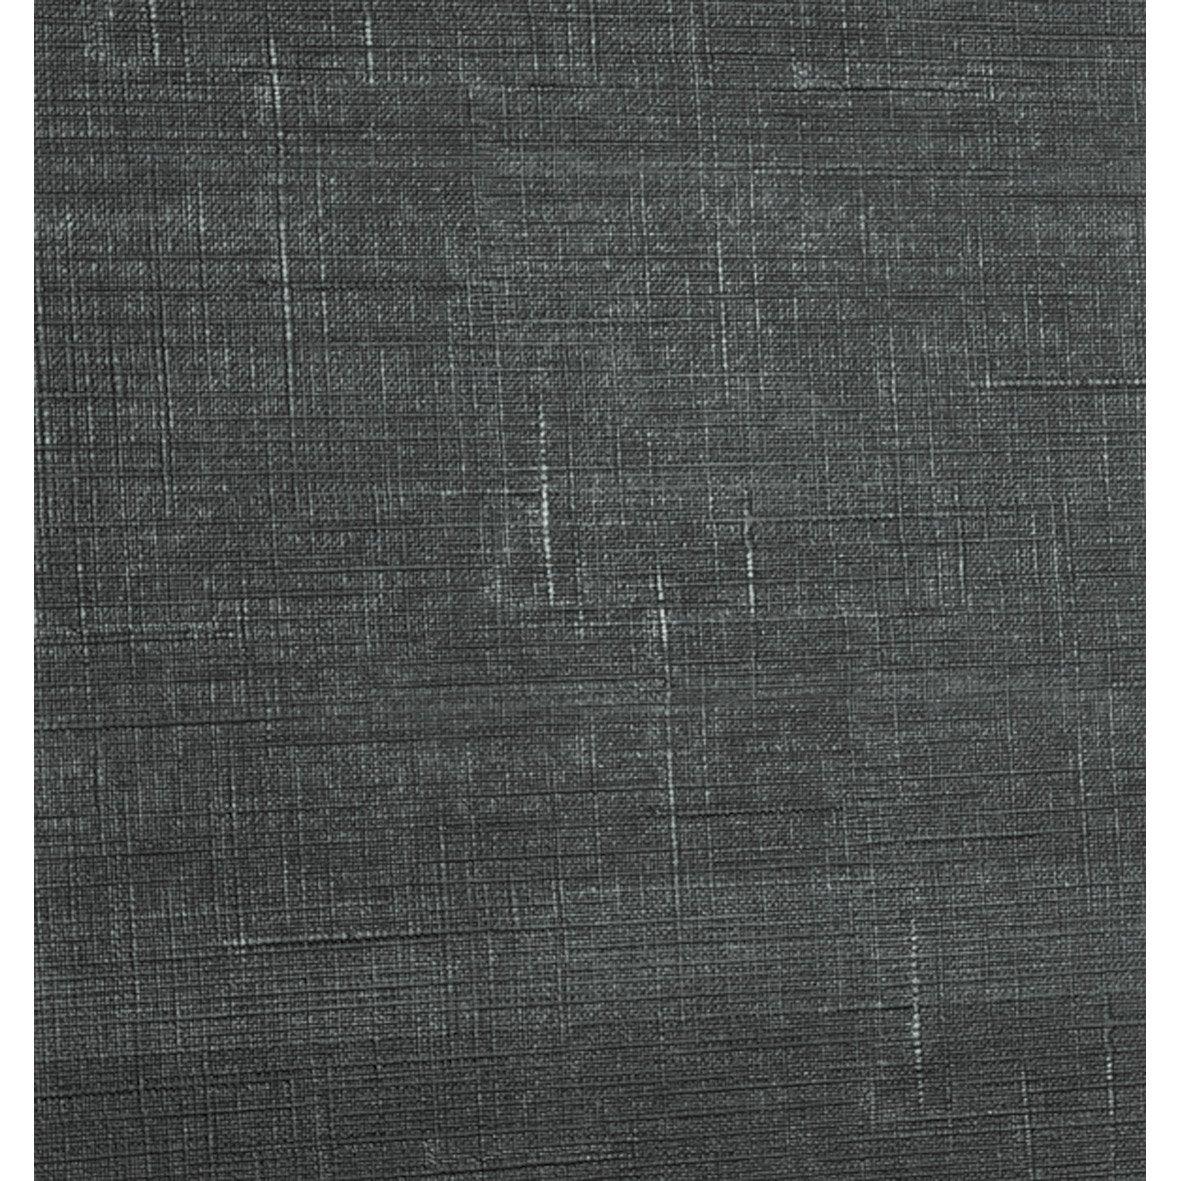 liner pour bassin ubbink aqualiner l 7 x l 6 m leroy merlin. Black Bedroom Furniture Sets. Home Design Ideas